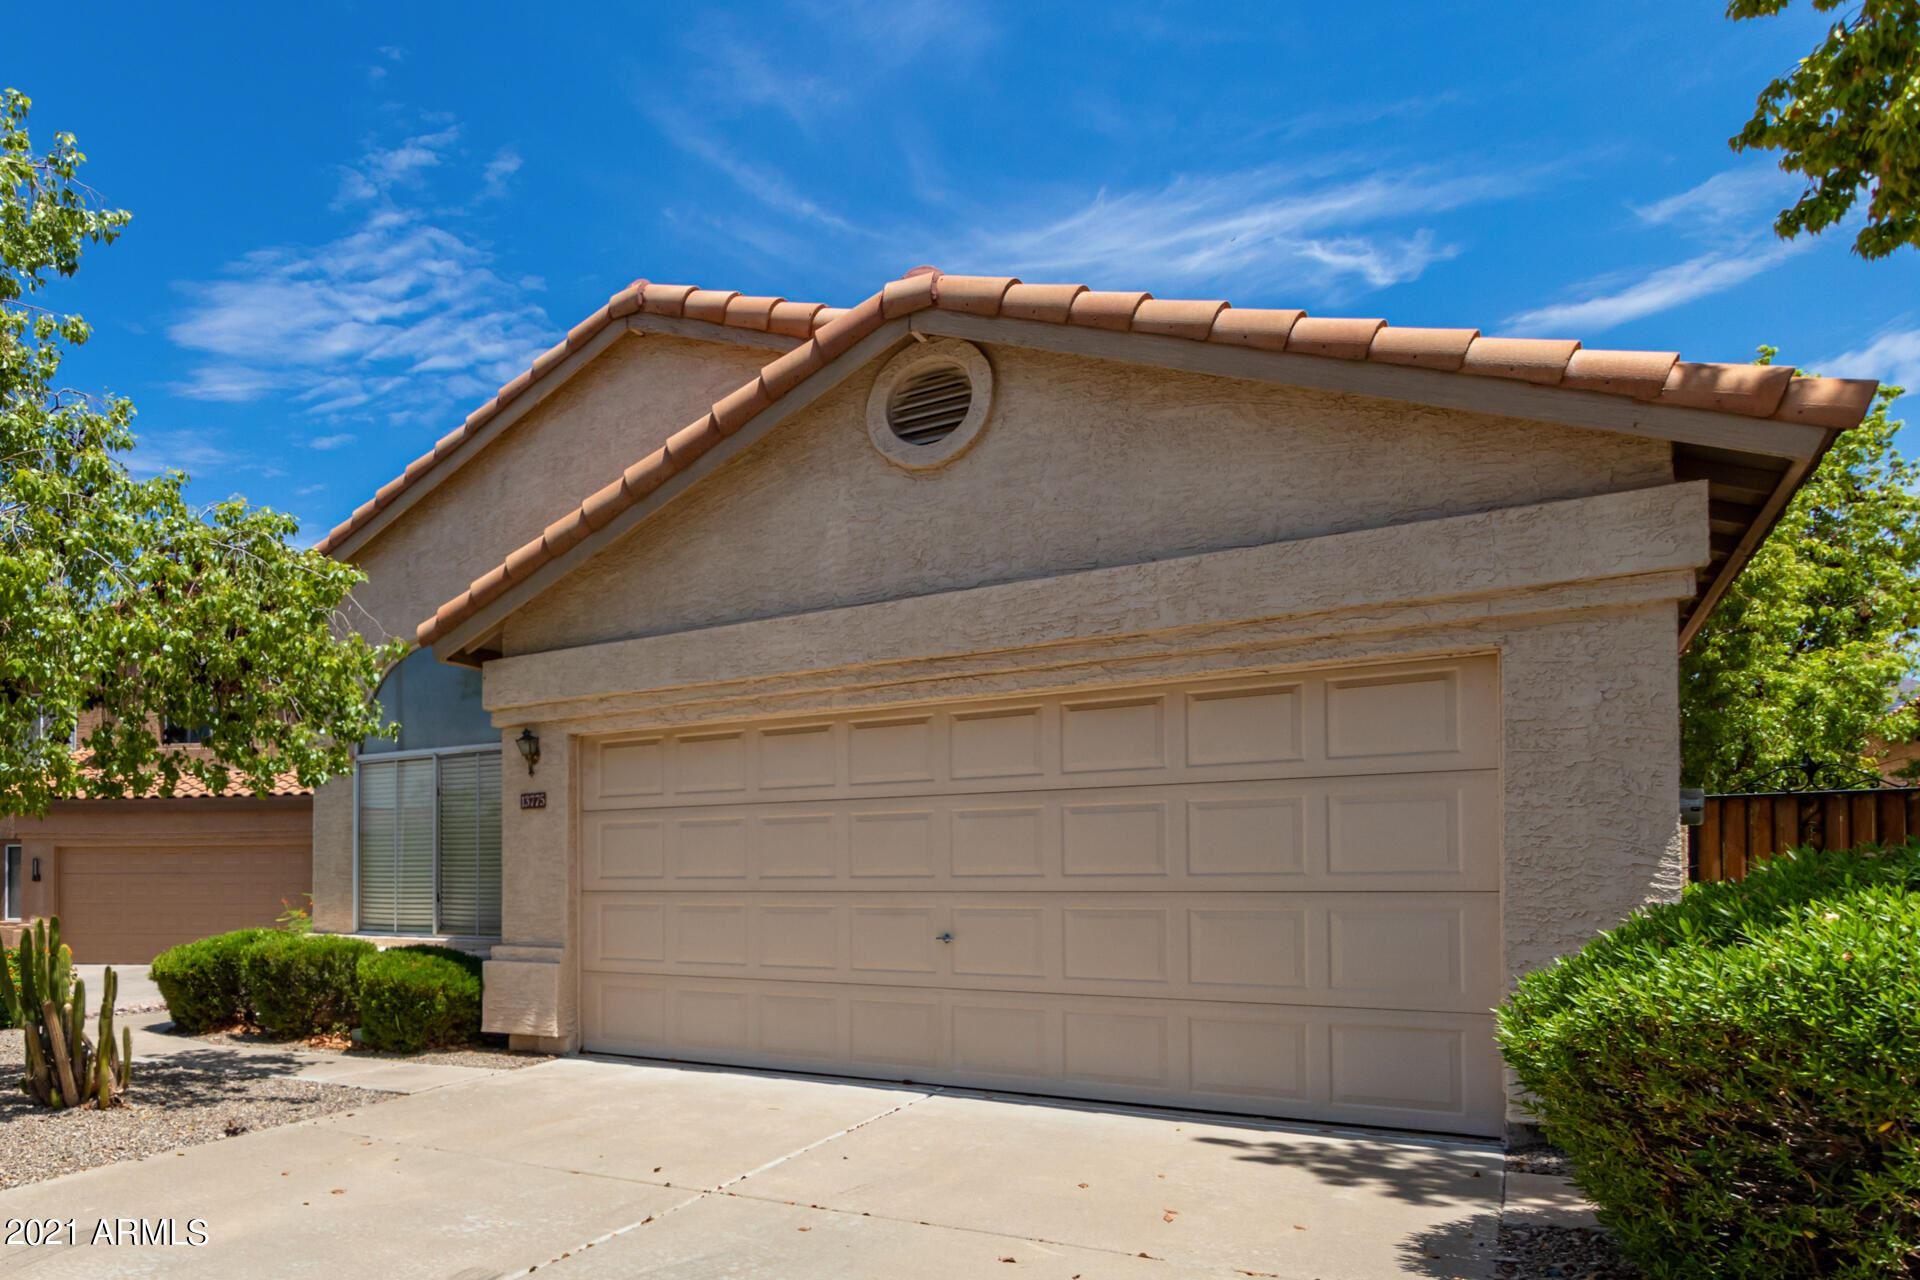 Photo of 13775 N 103RD Way, Scottsdale, AZ 85260 (MLS # 6268990)